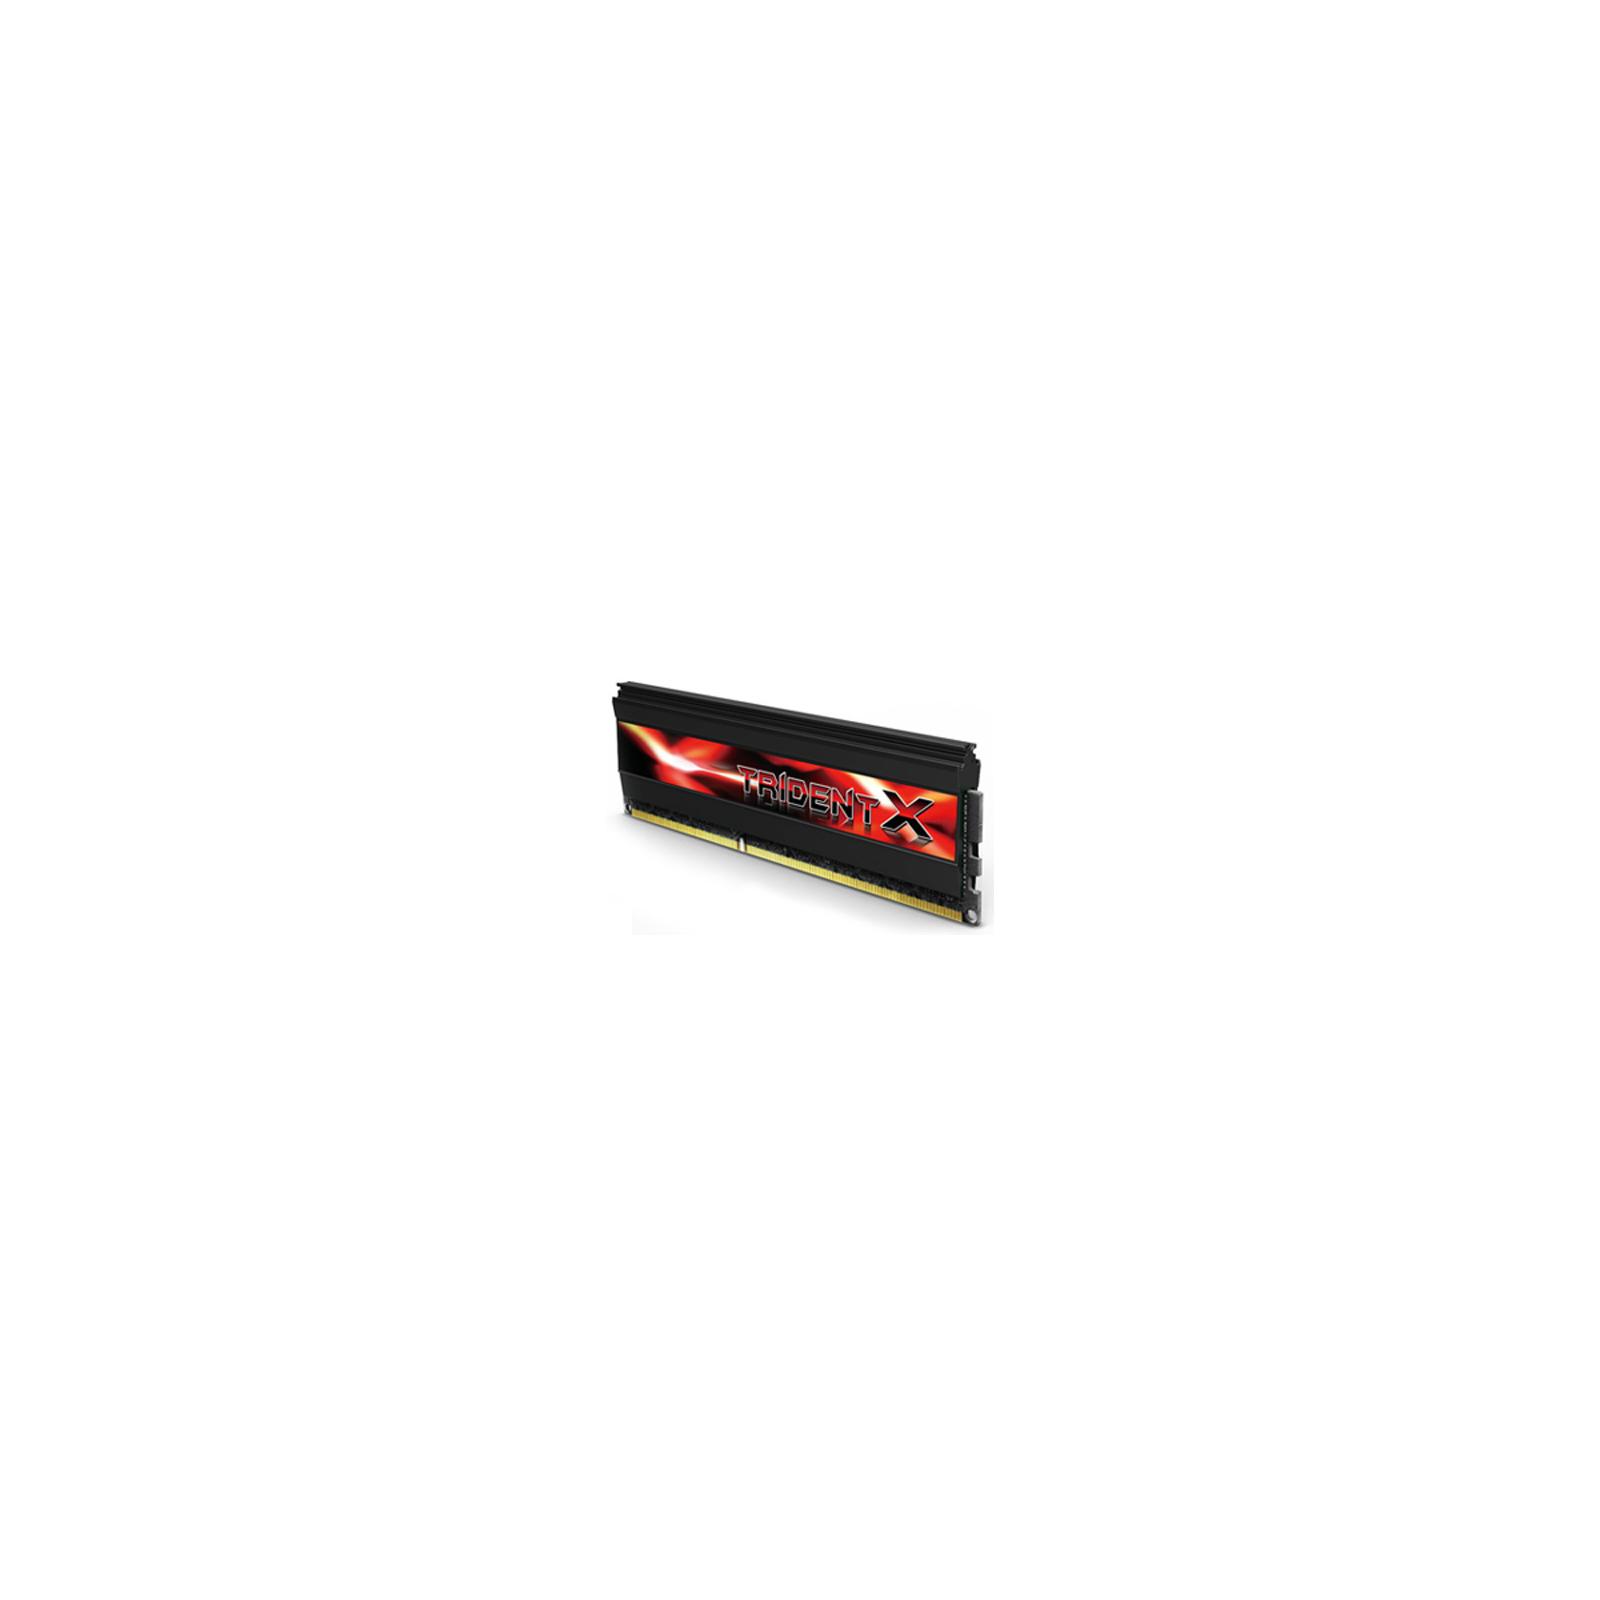 Модуль памяти для компьютера DDR3 16GB (2x8GB) 2666 MHz G.Skill (F3-2666C12D-16GTXD) изображение 3